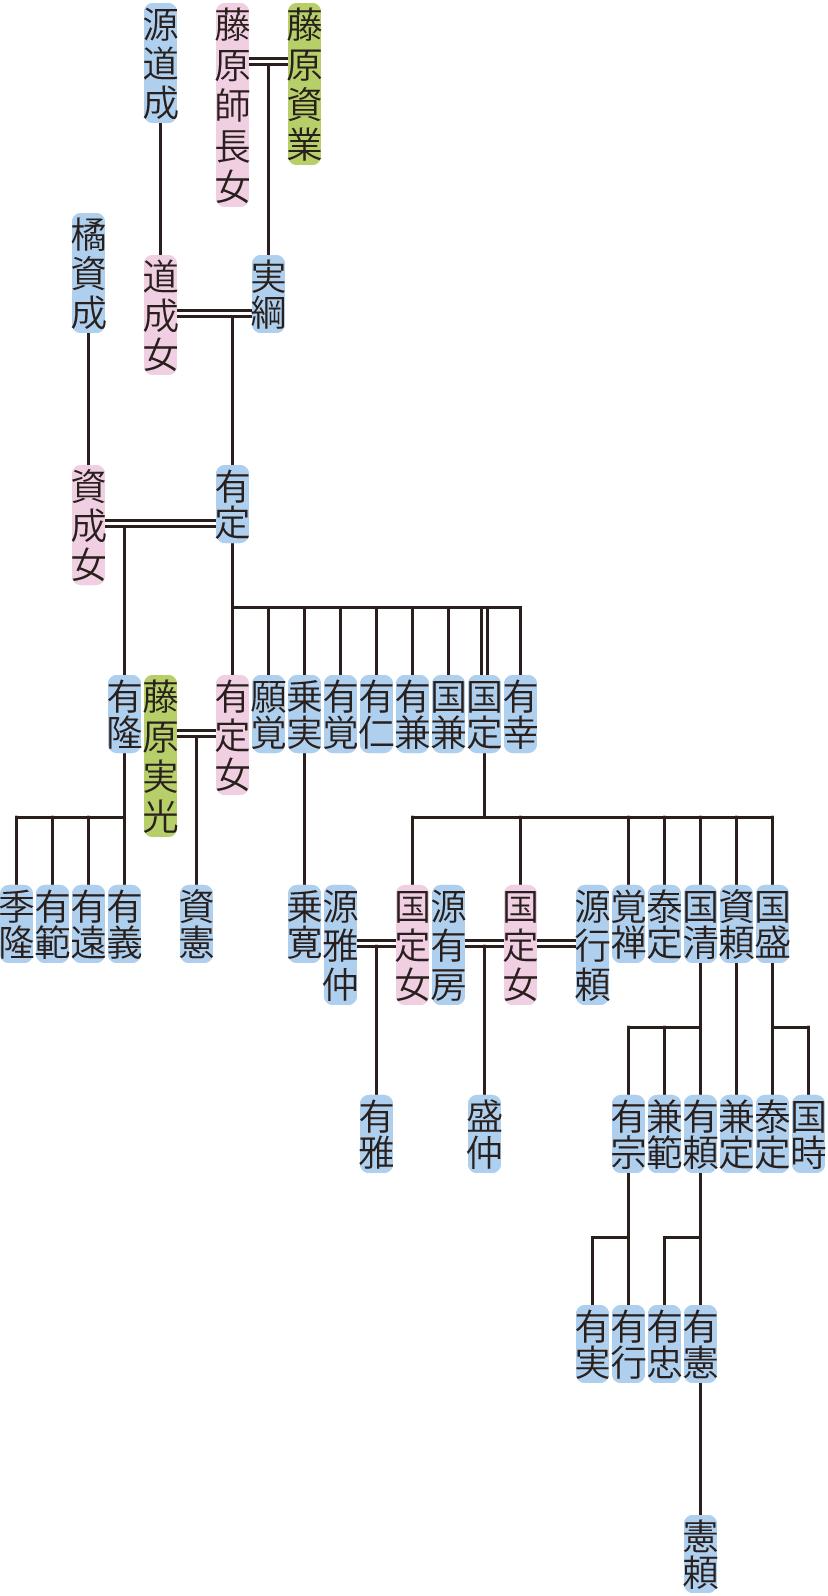 藤原有定の系図